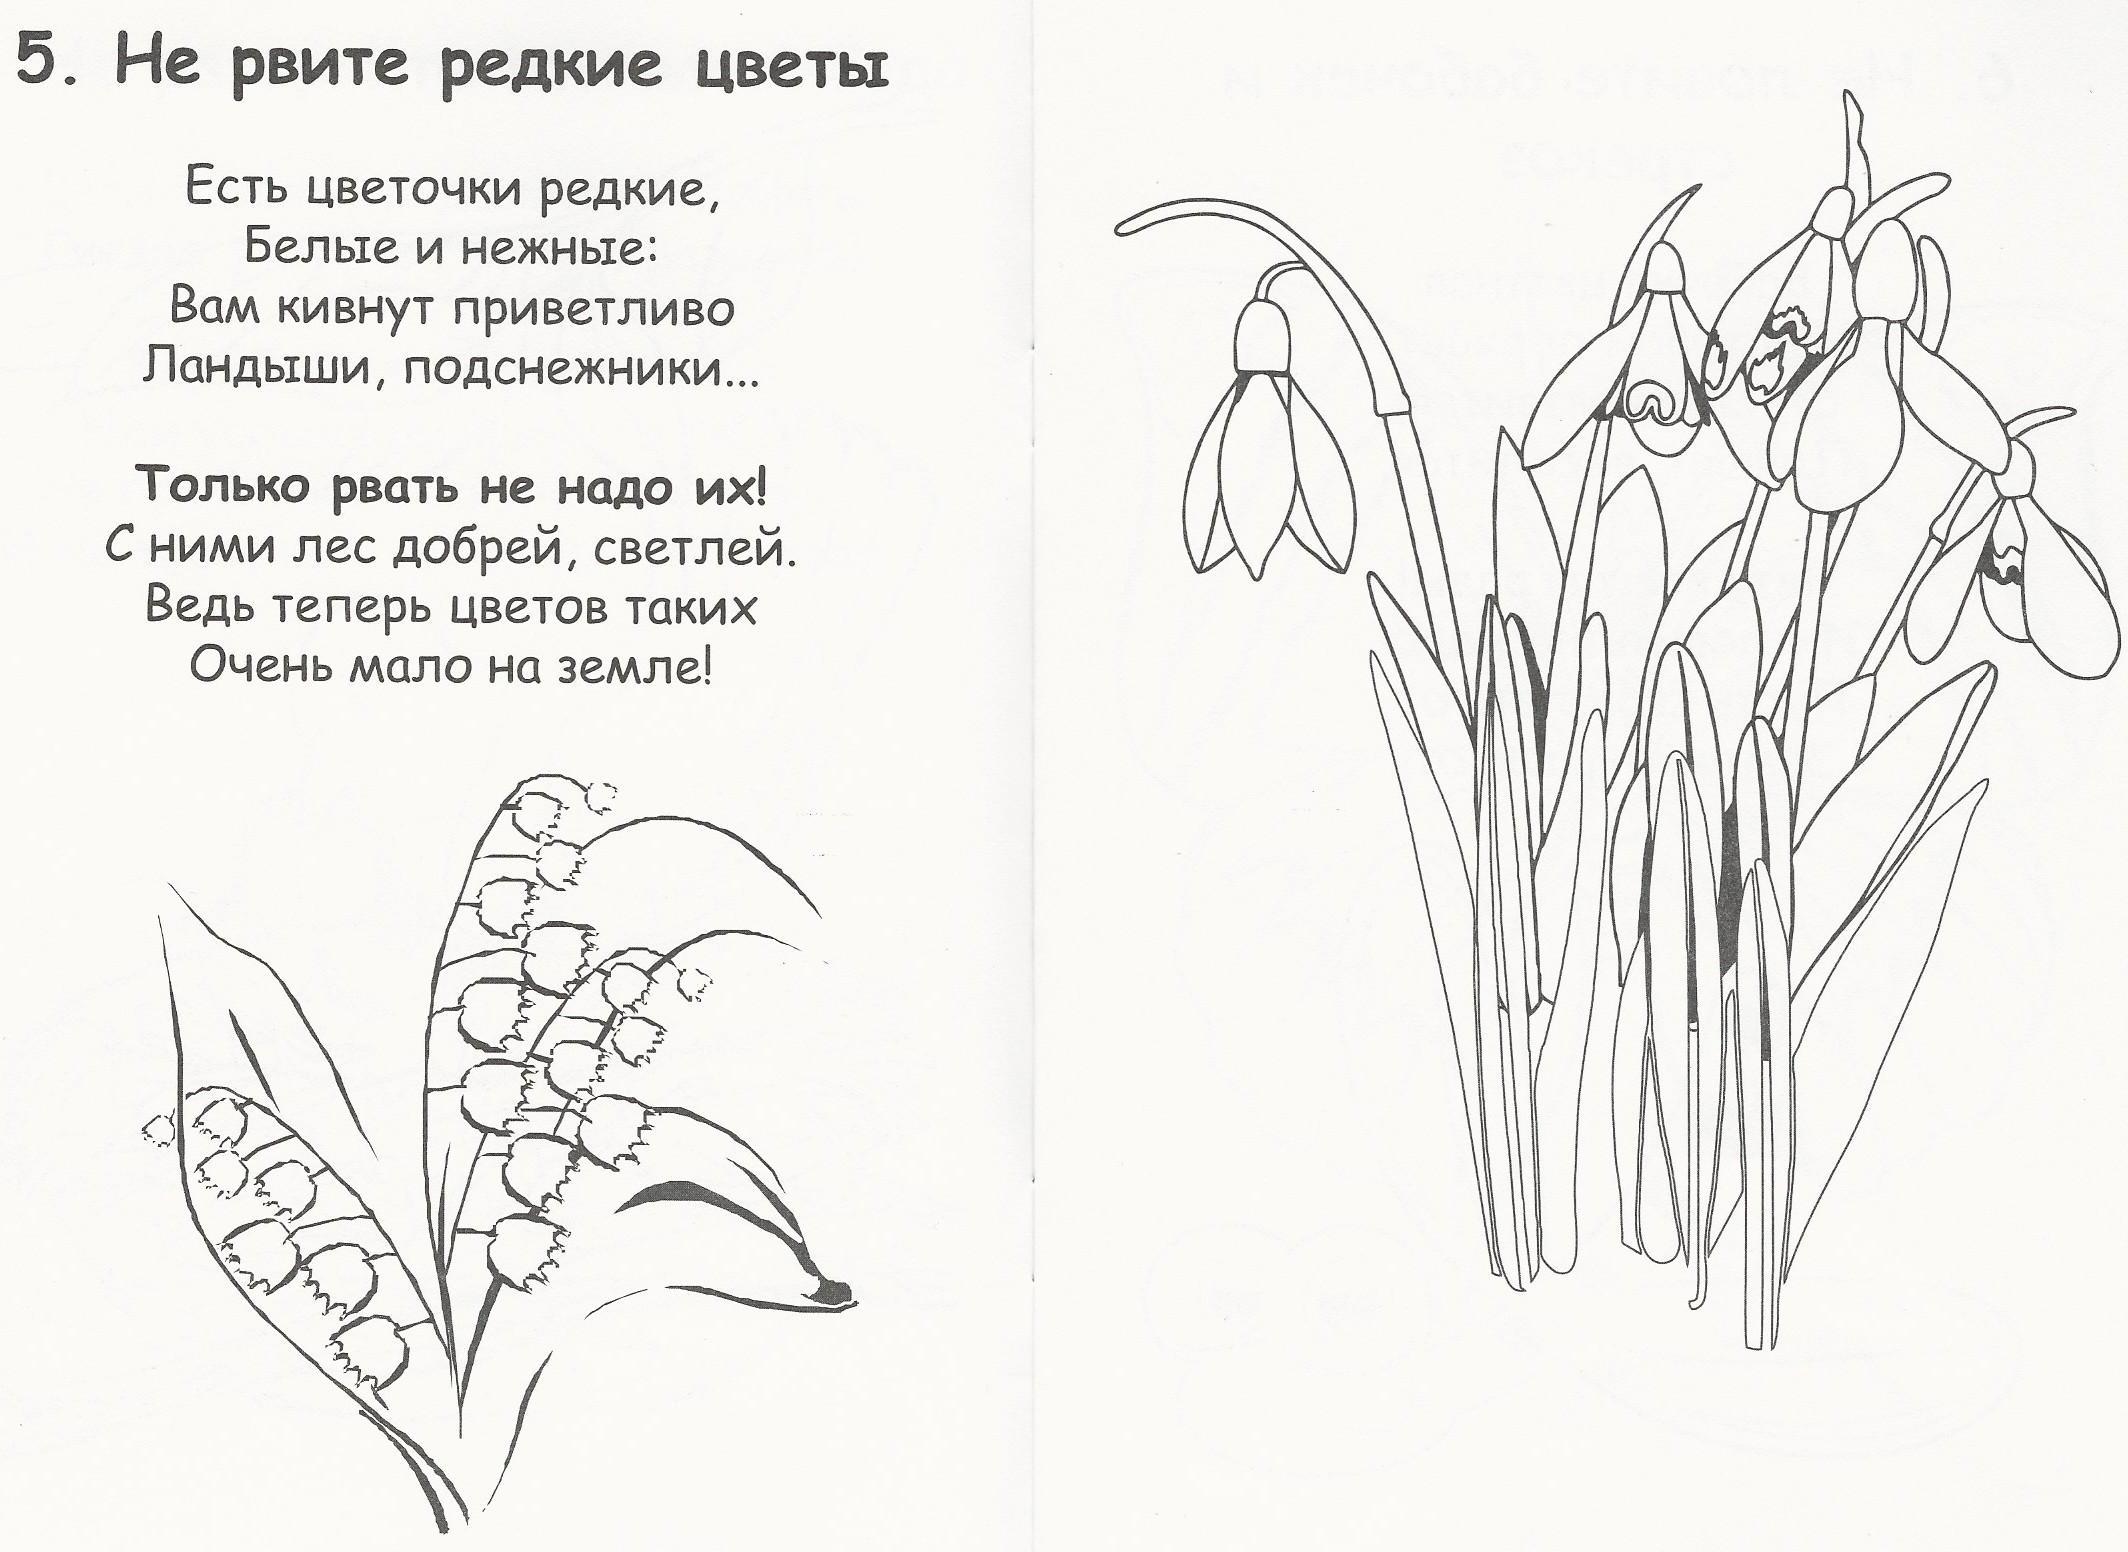 Не смейте, люди, рвать цветы! (Петр Летуновский) / Стихи. ру 17